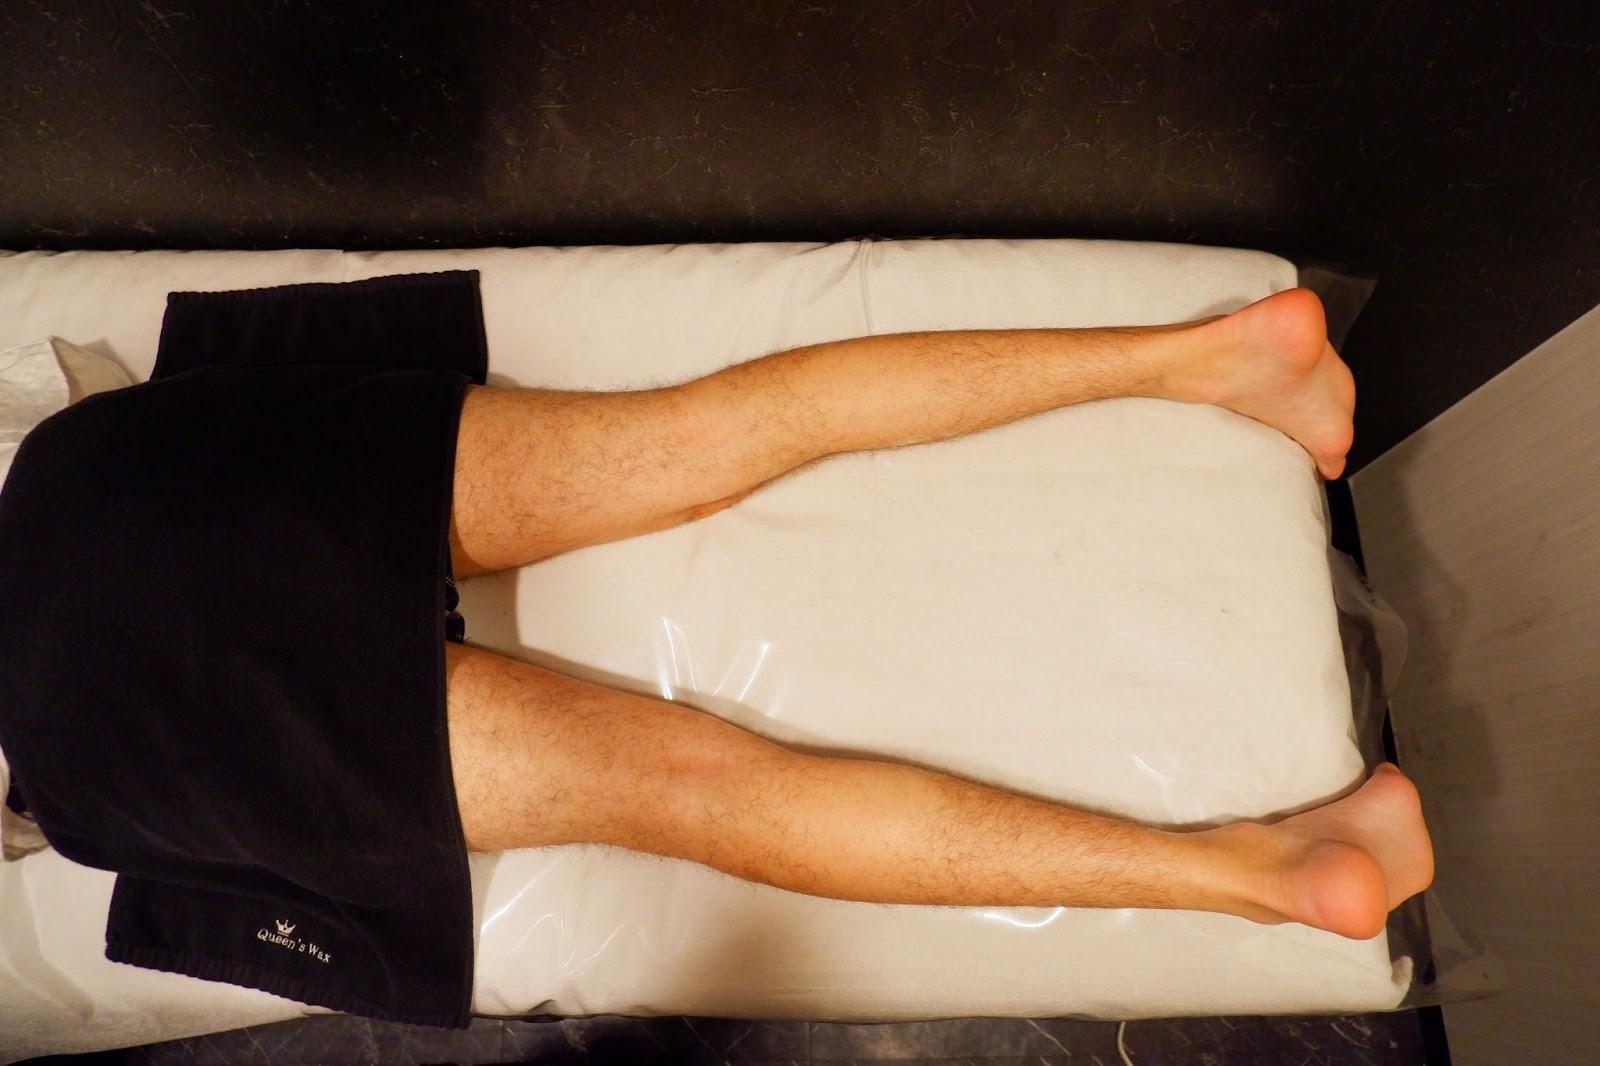 肛門のブラジリアンワックス脱毛の施術の体勢